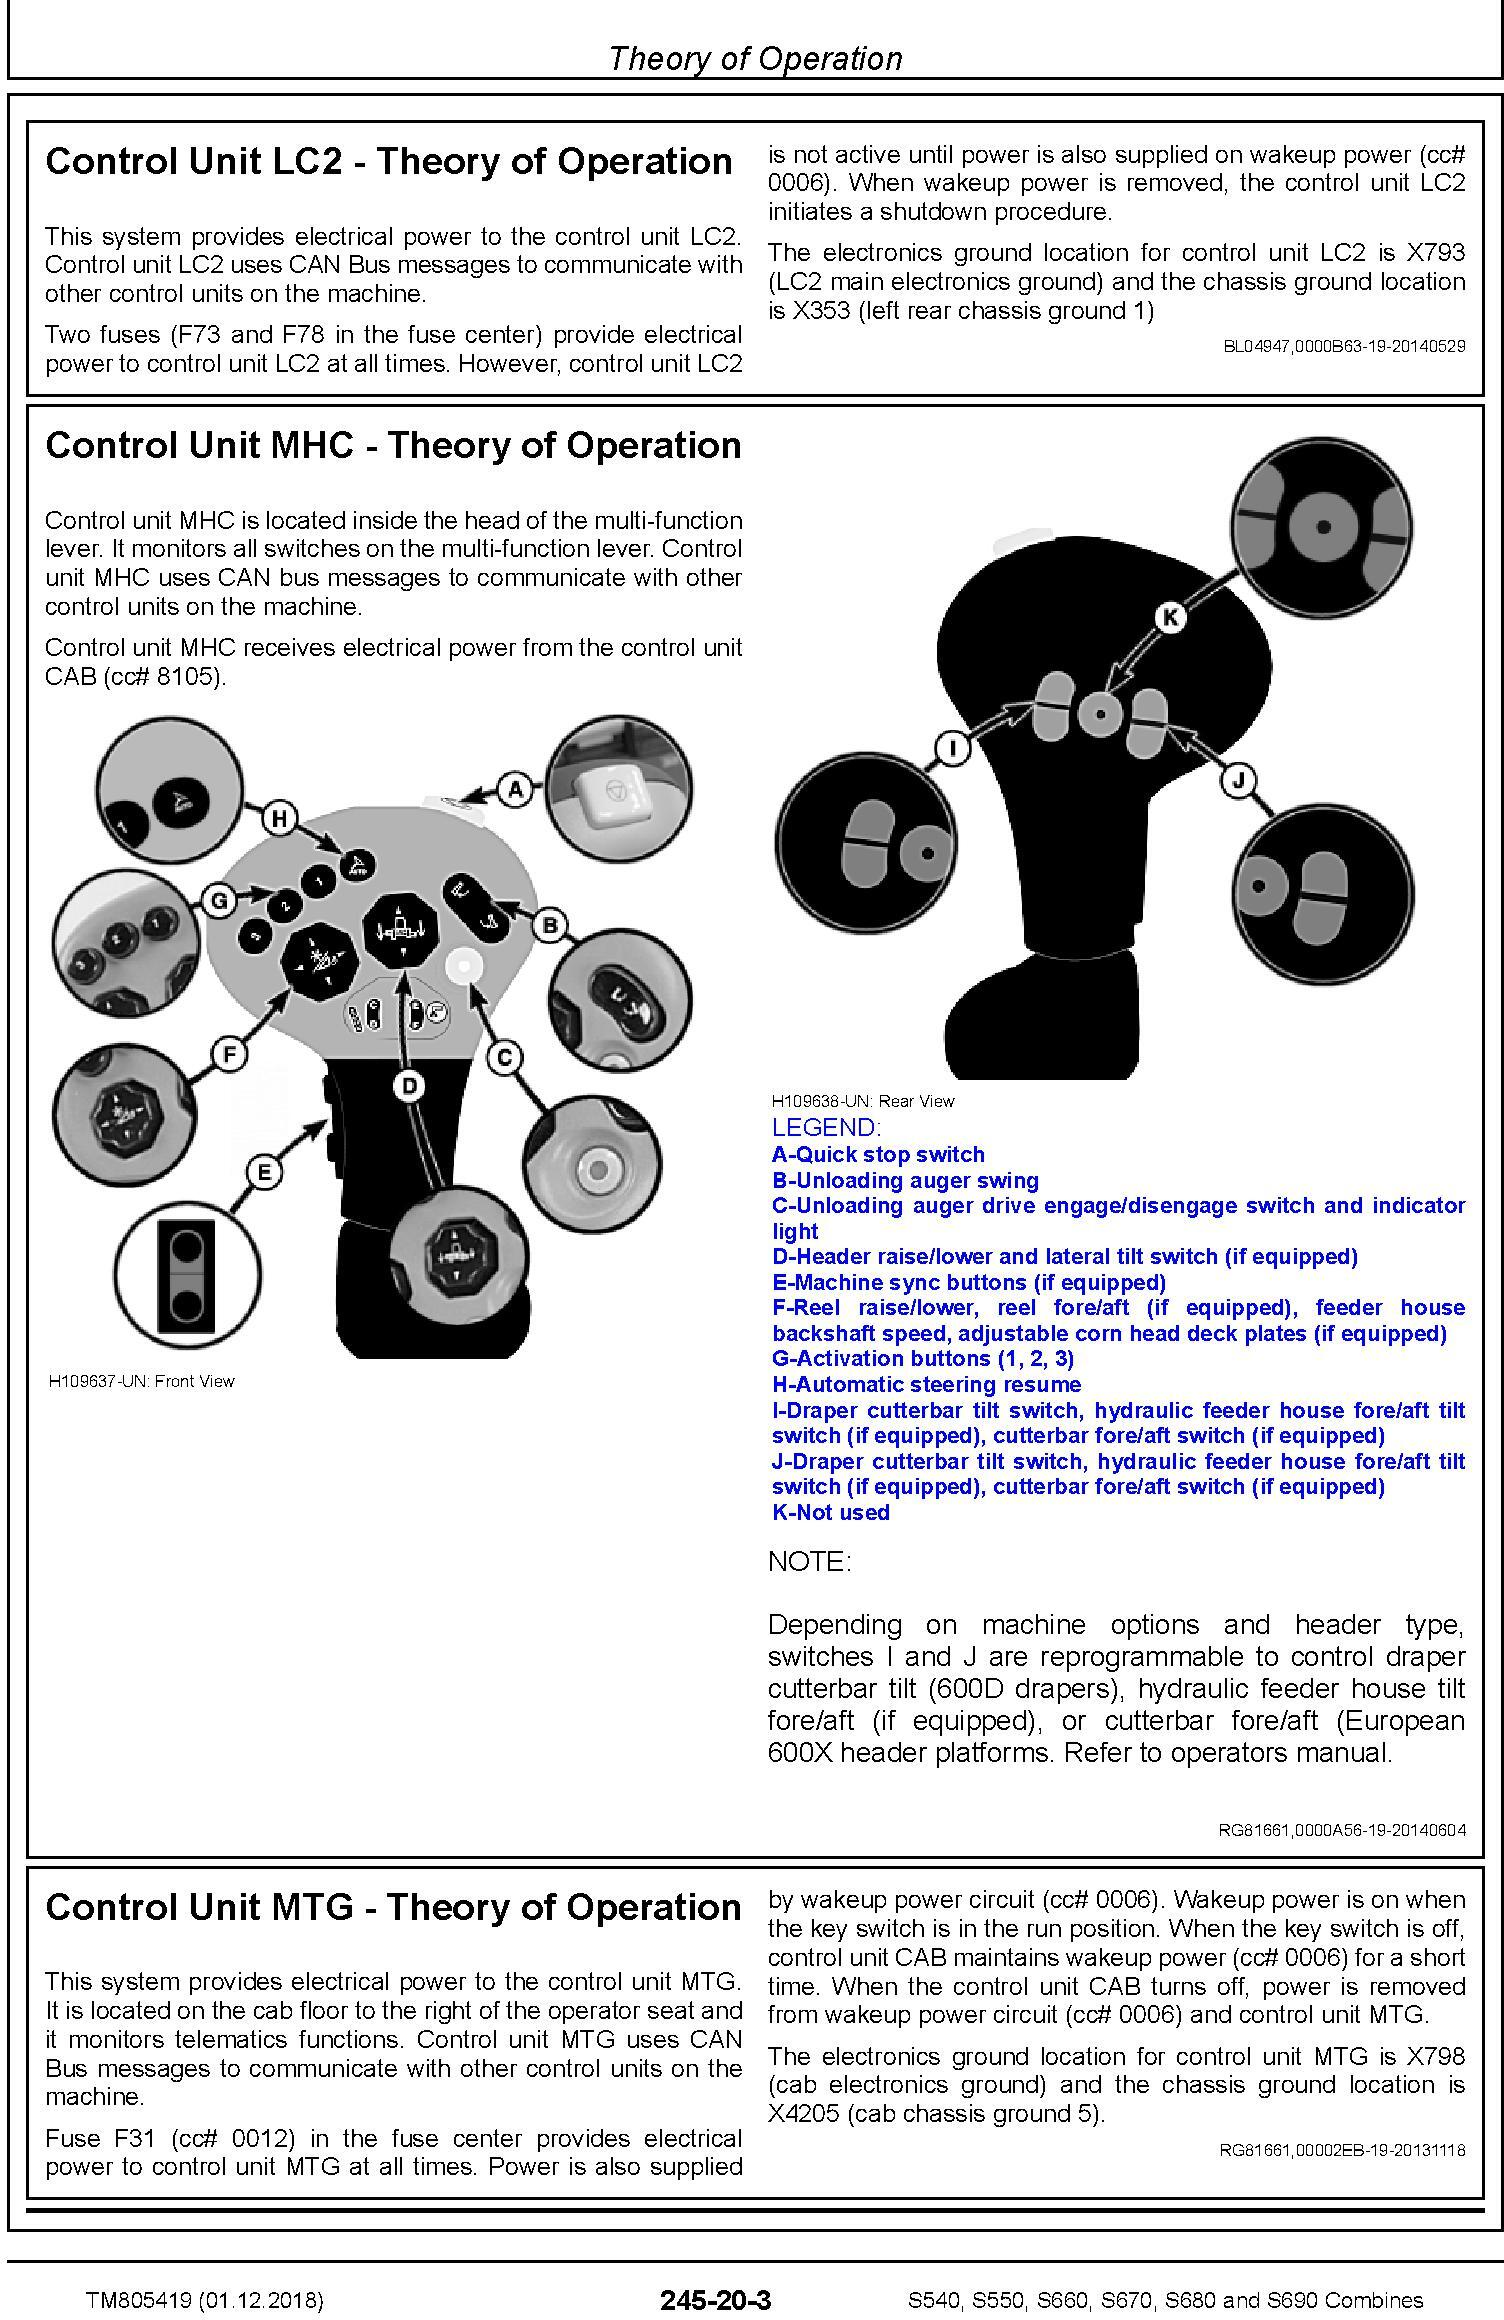 John Deere S540, S550, S660, S670, S680, S690 Combines (SN.120100-) Diagnostic Manual (TM805419) - 1